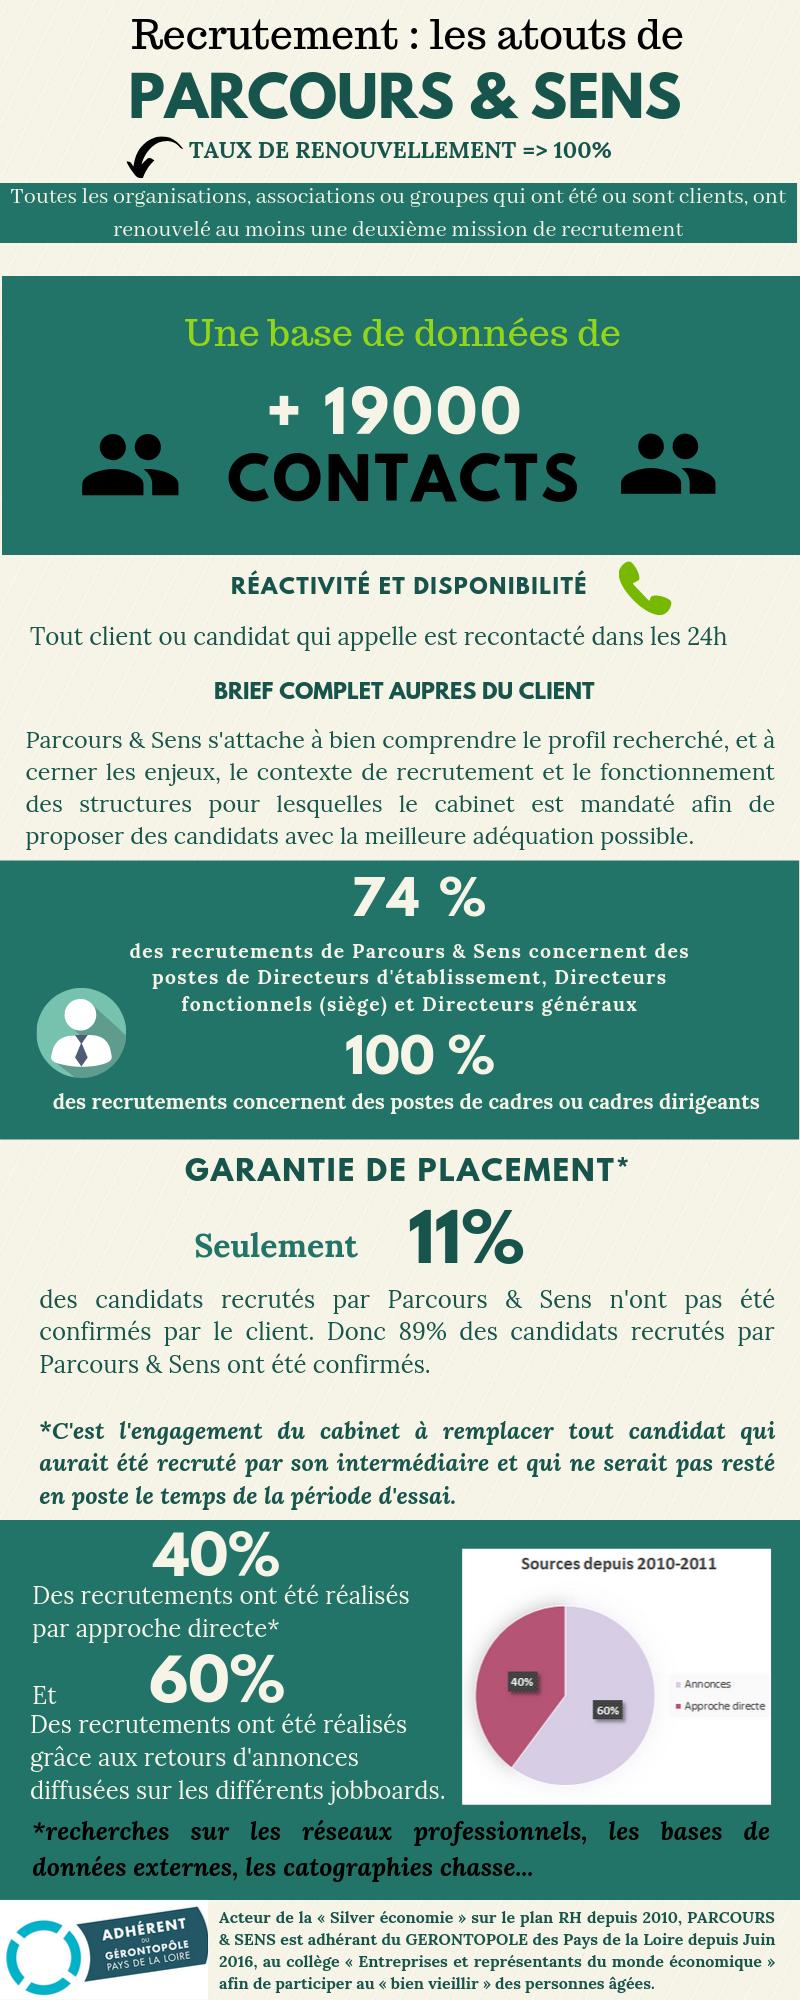 Recrutement - les atouts de Parcours & sens-chiffres clés-infographie 2019